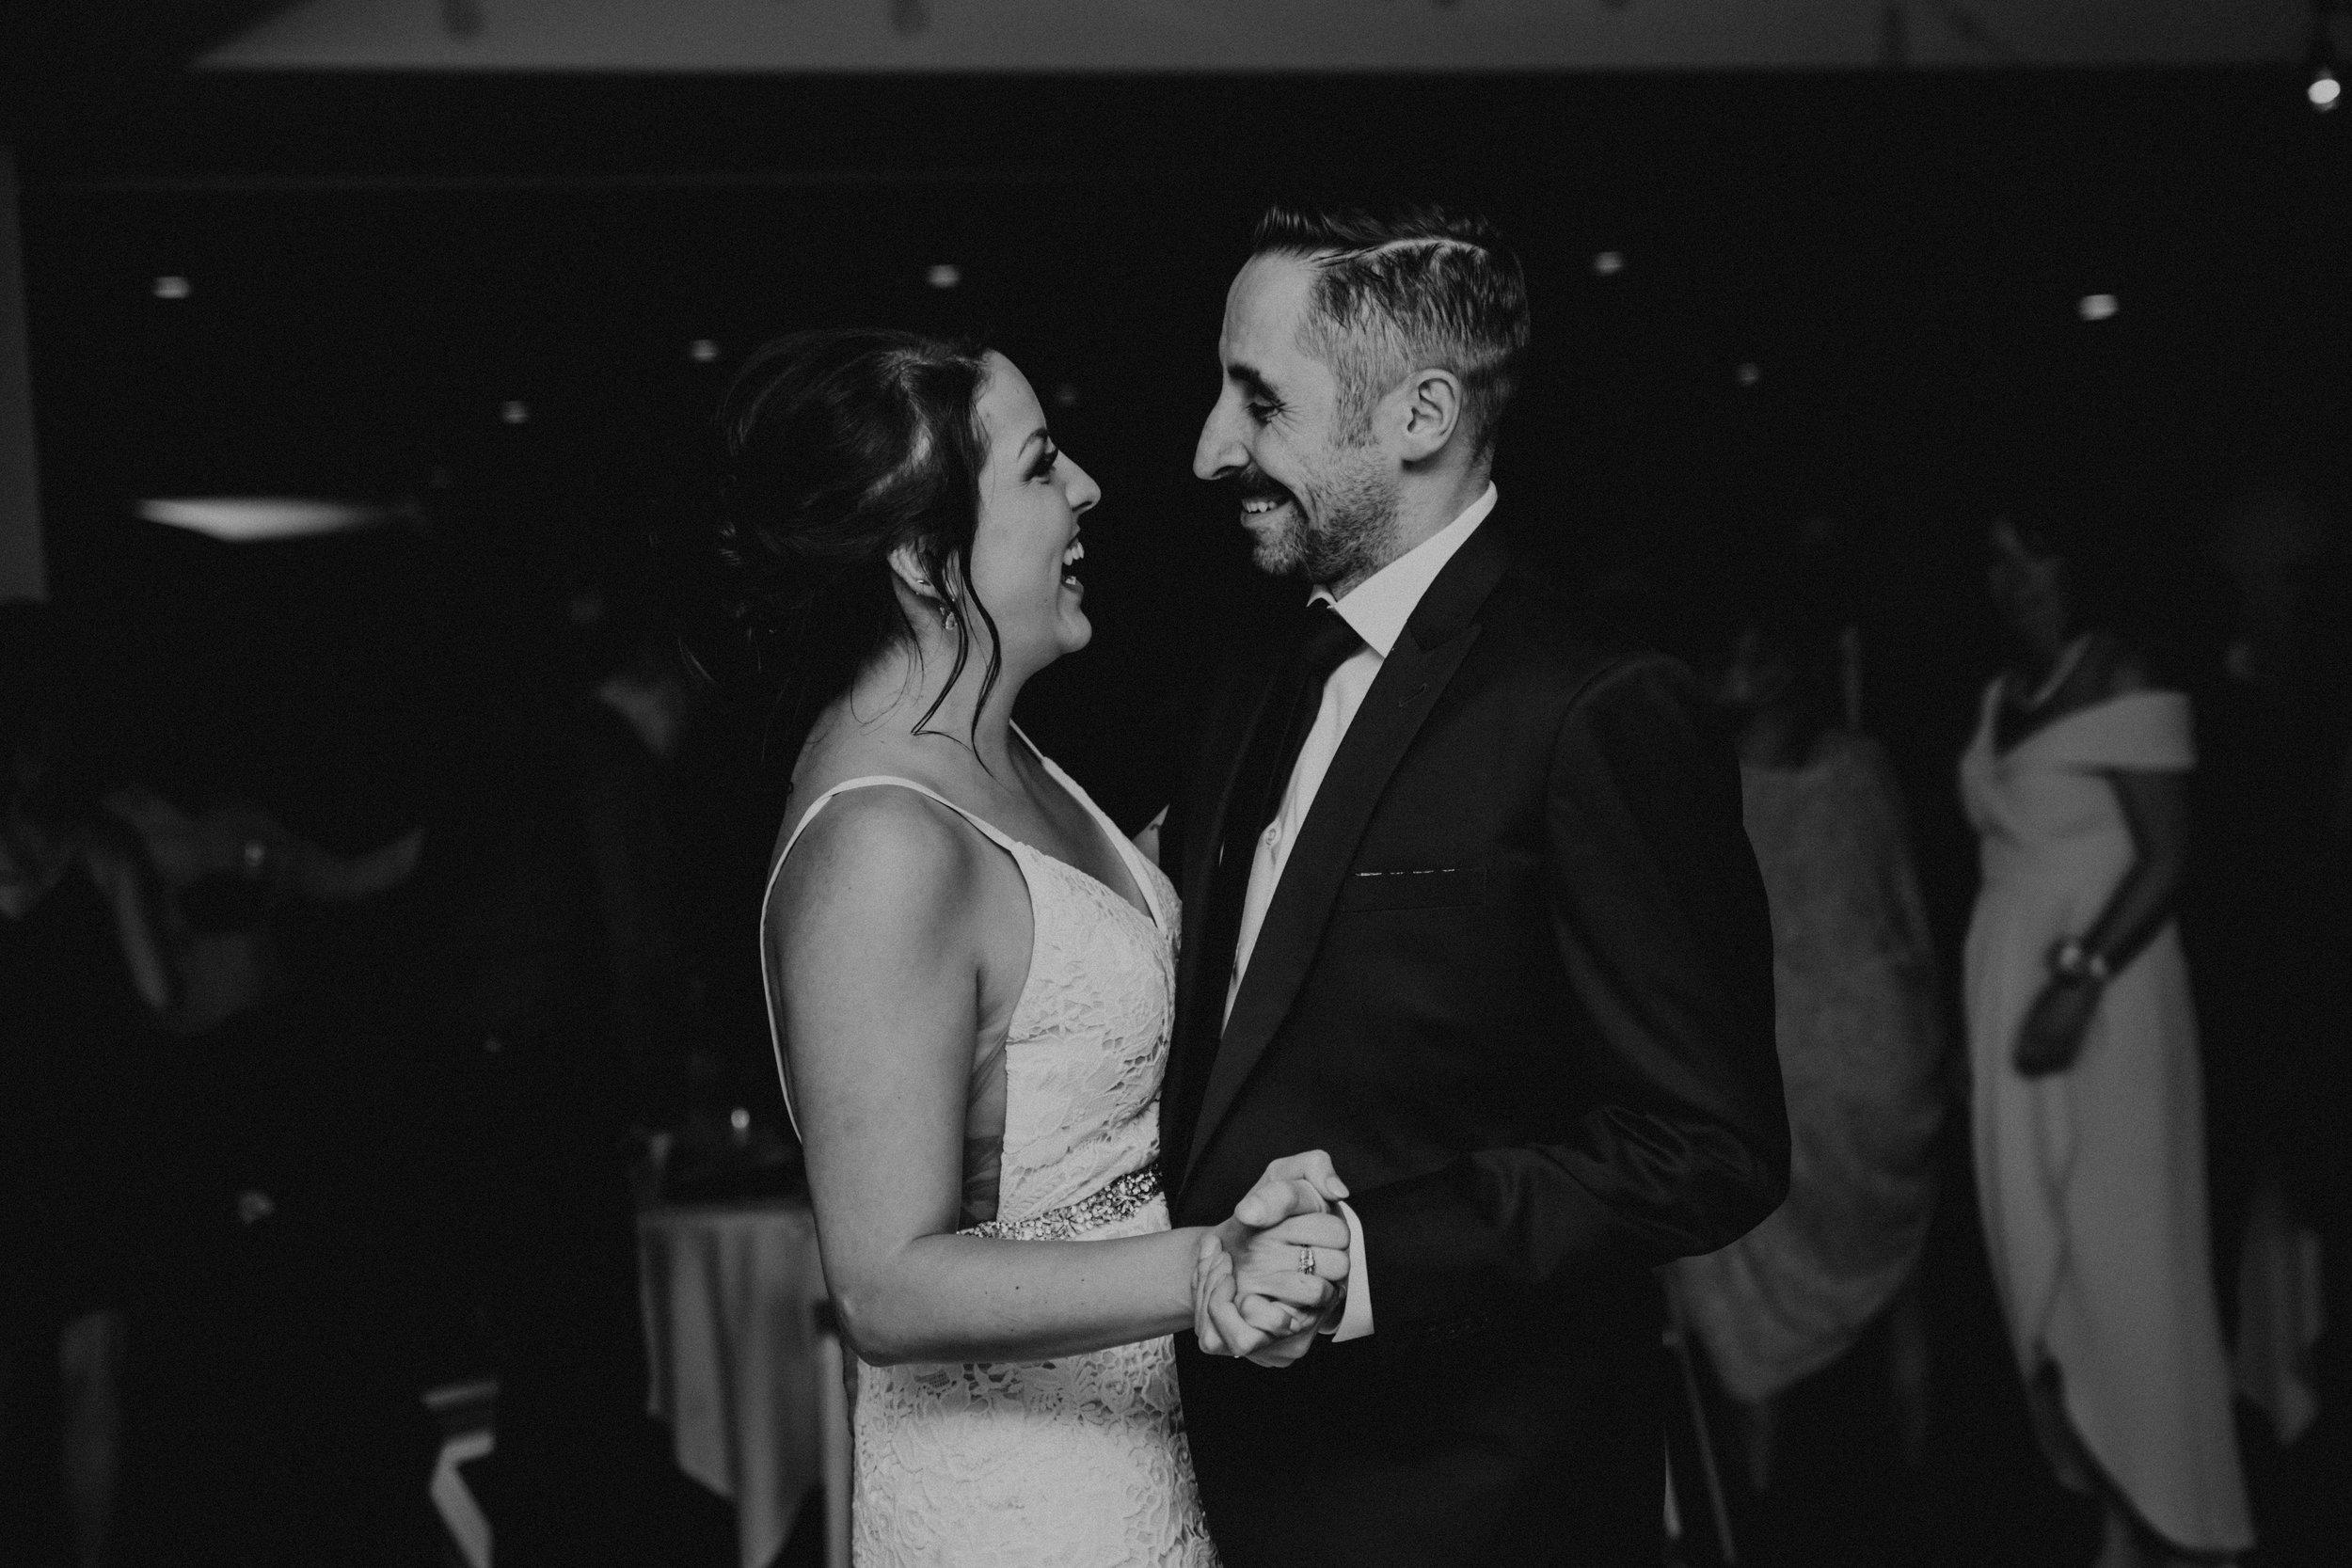 Calgary Wedding Photographer - 73 of 84.jpg